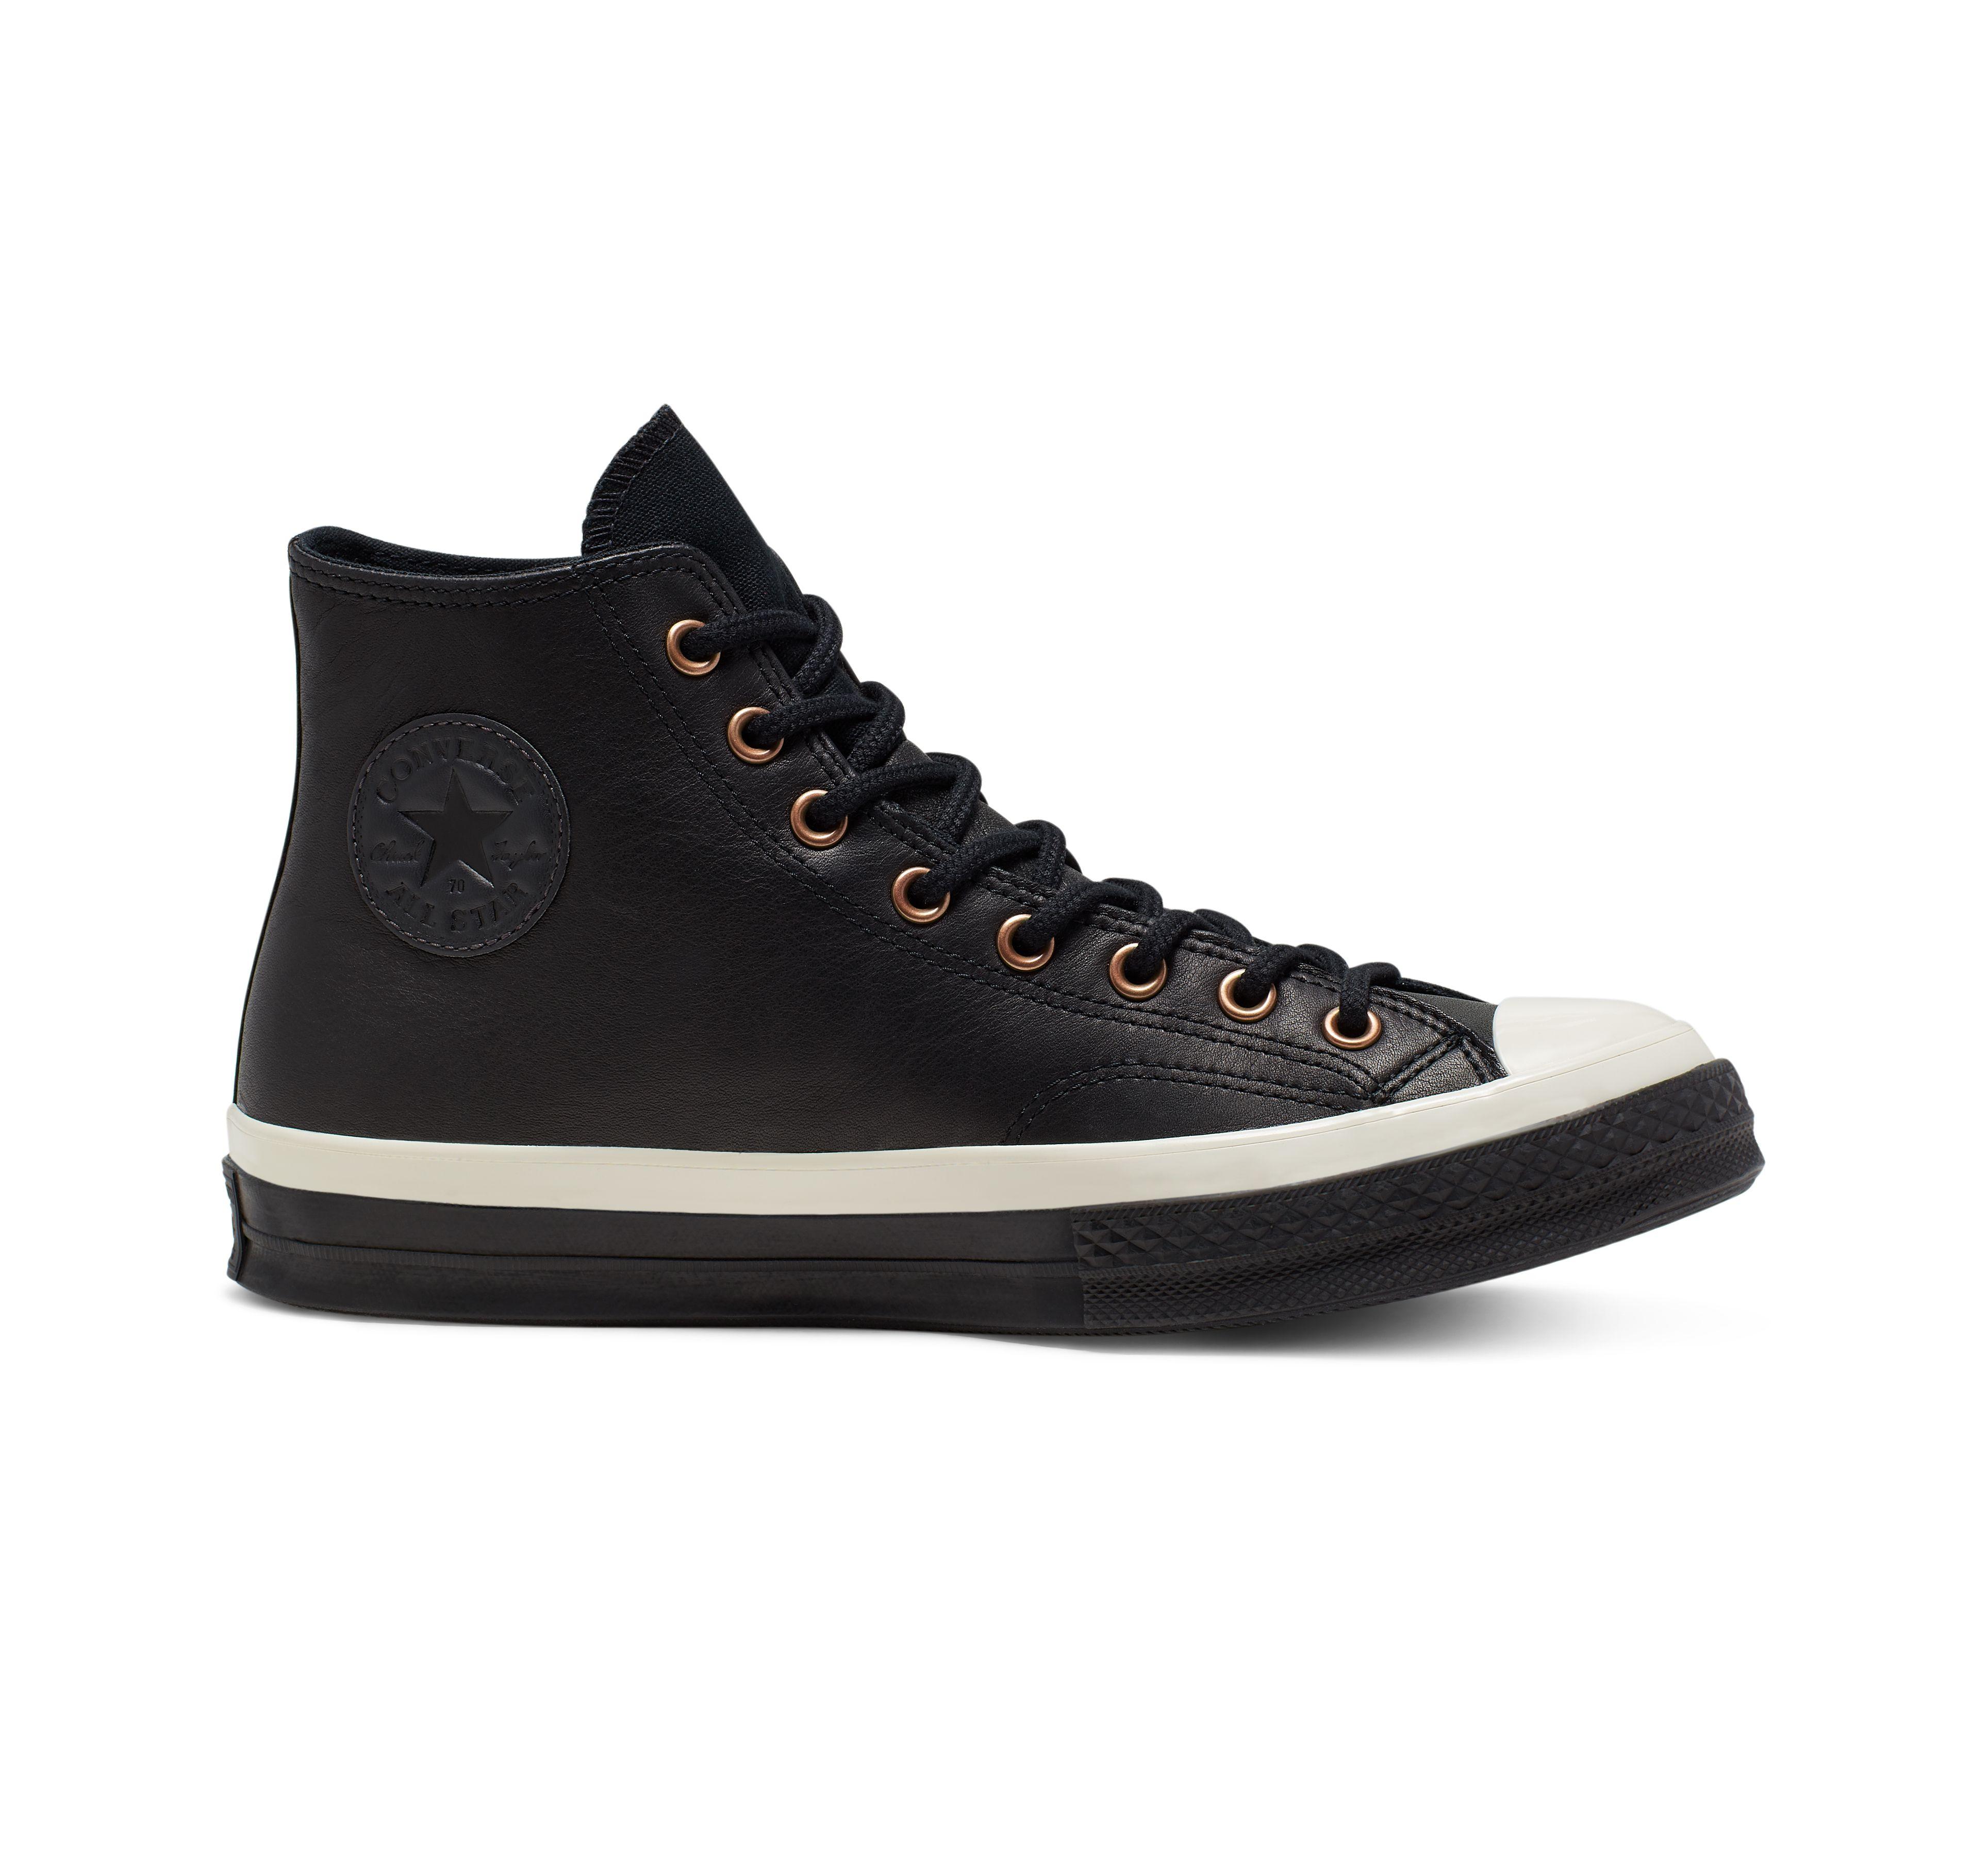 Waterproof GORE TEX Leather Chuck 70 de 2020